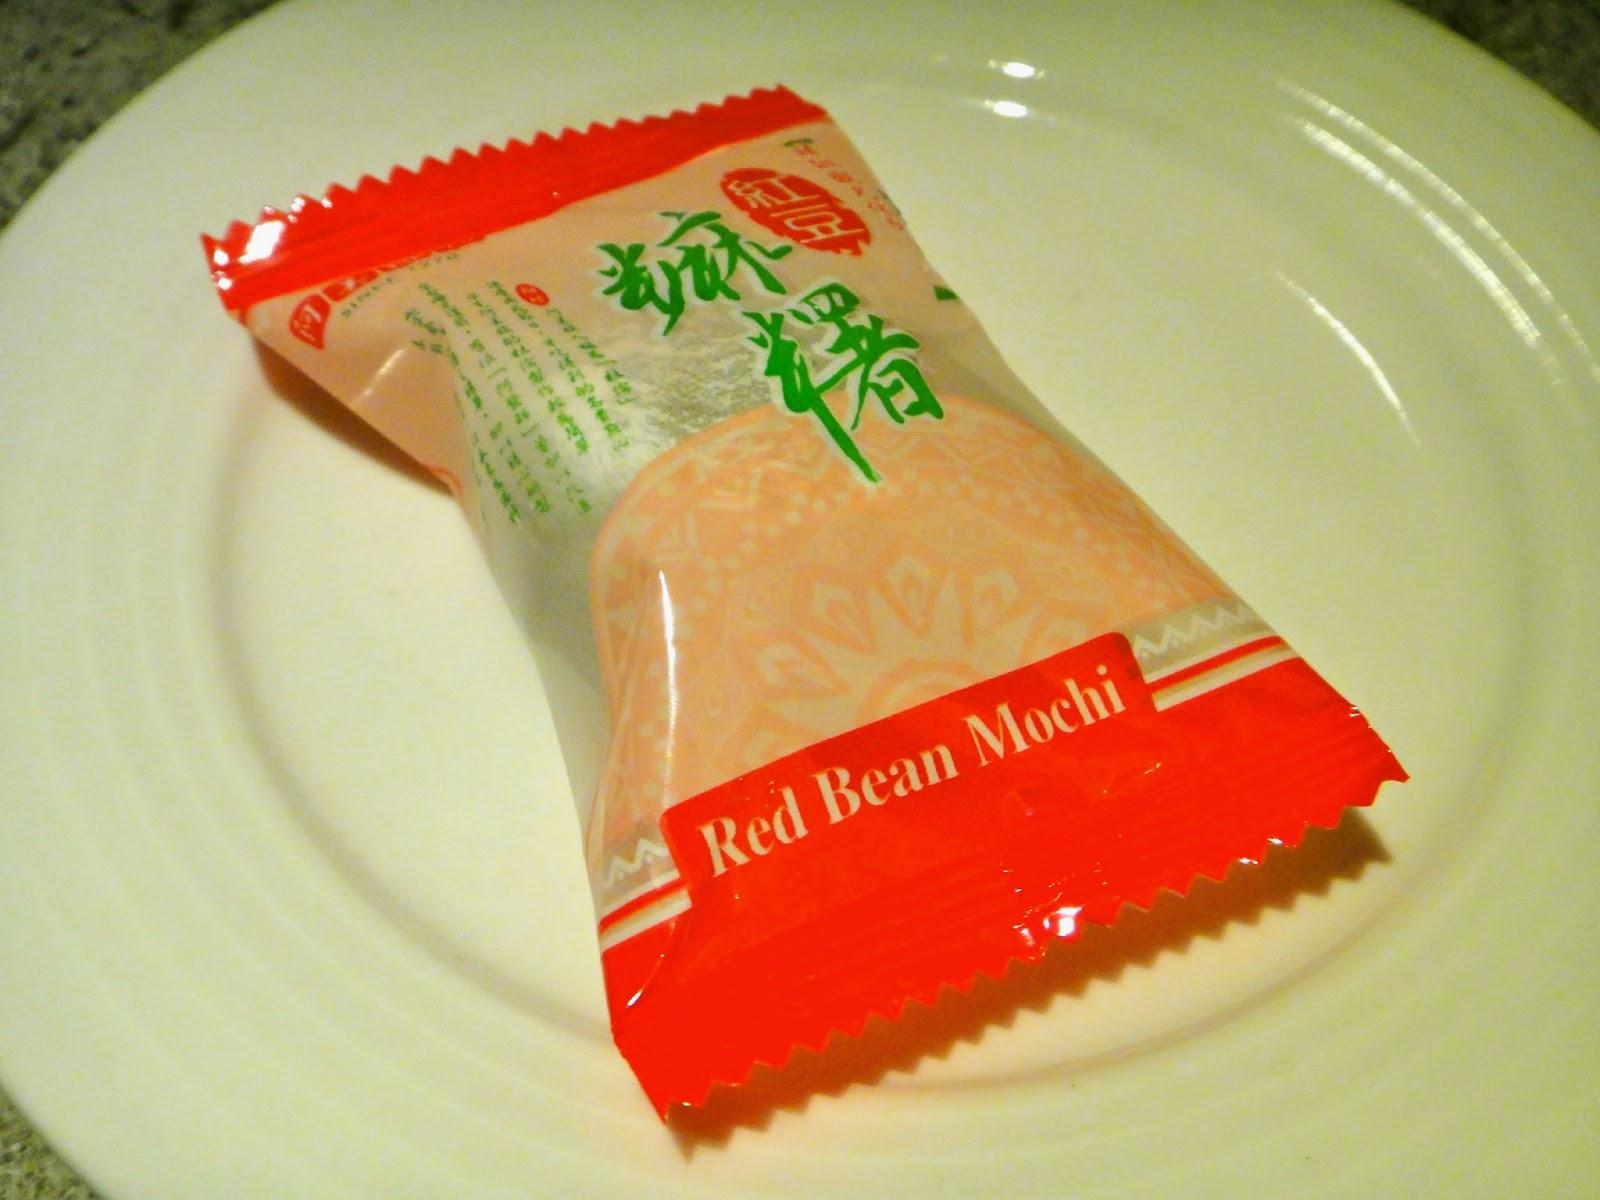 Hualien Mochi Taiwan